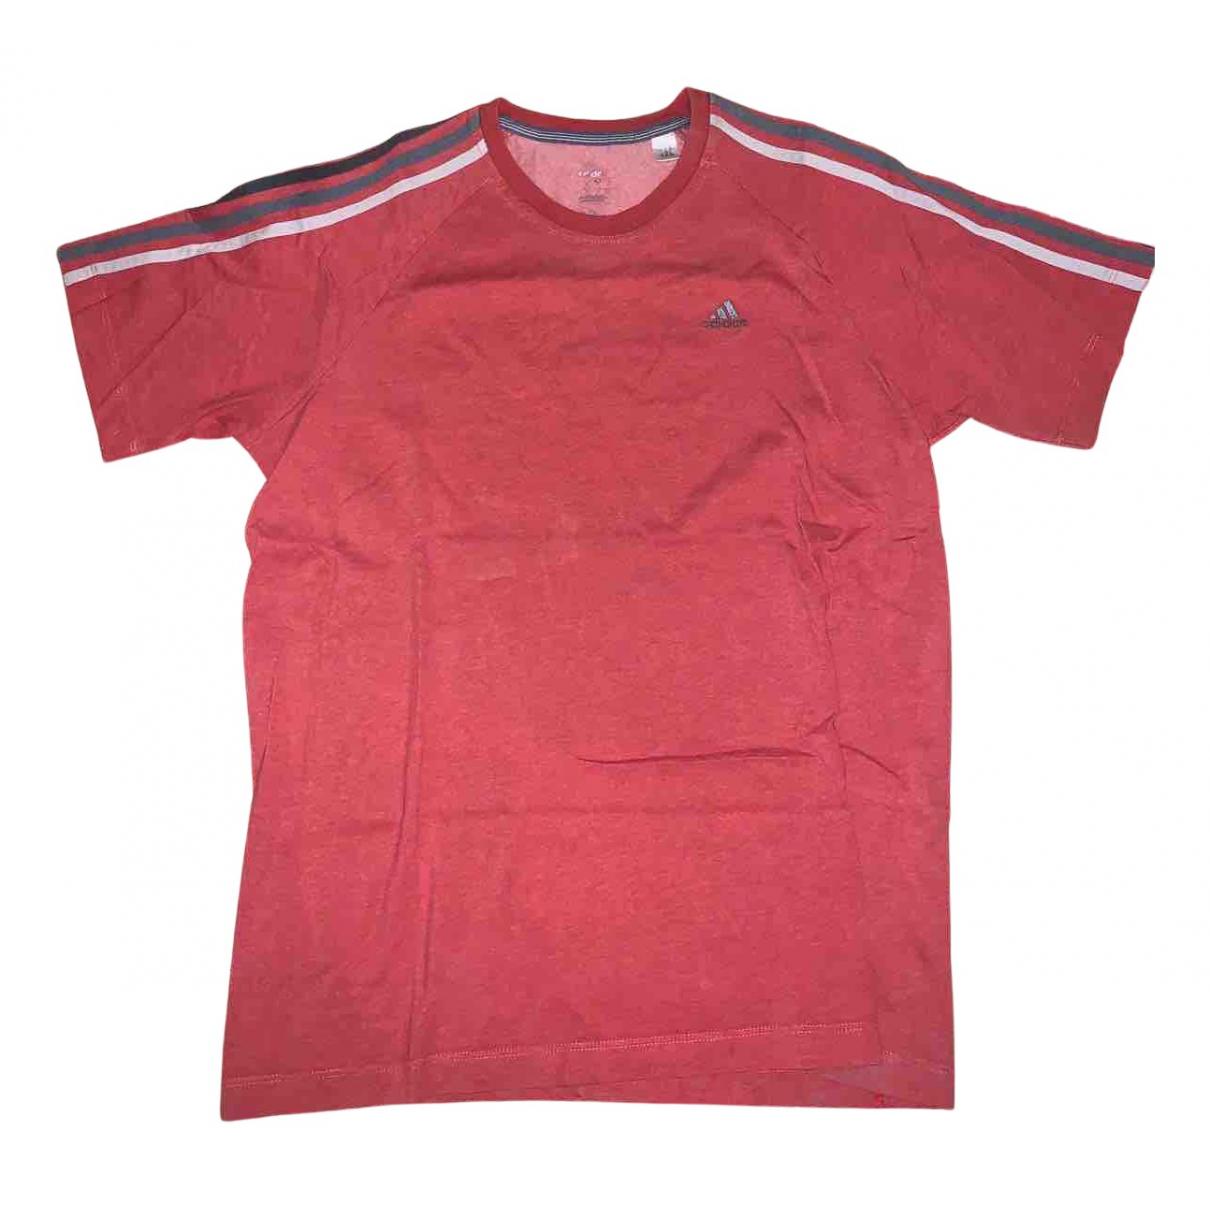 Adidas - Tee shirts   pour homme en coton - rouge